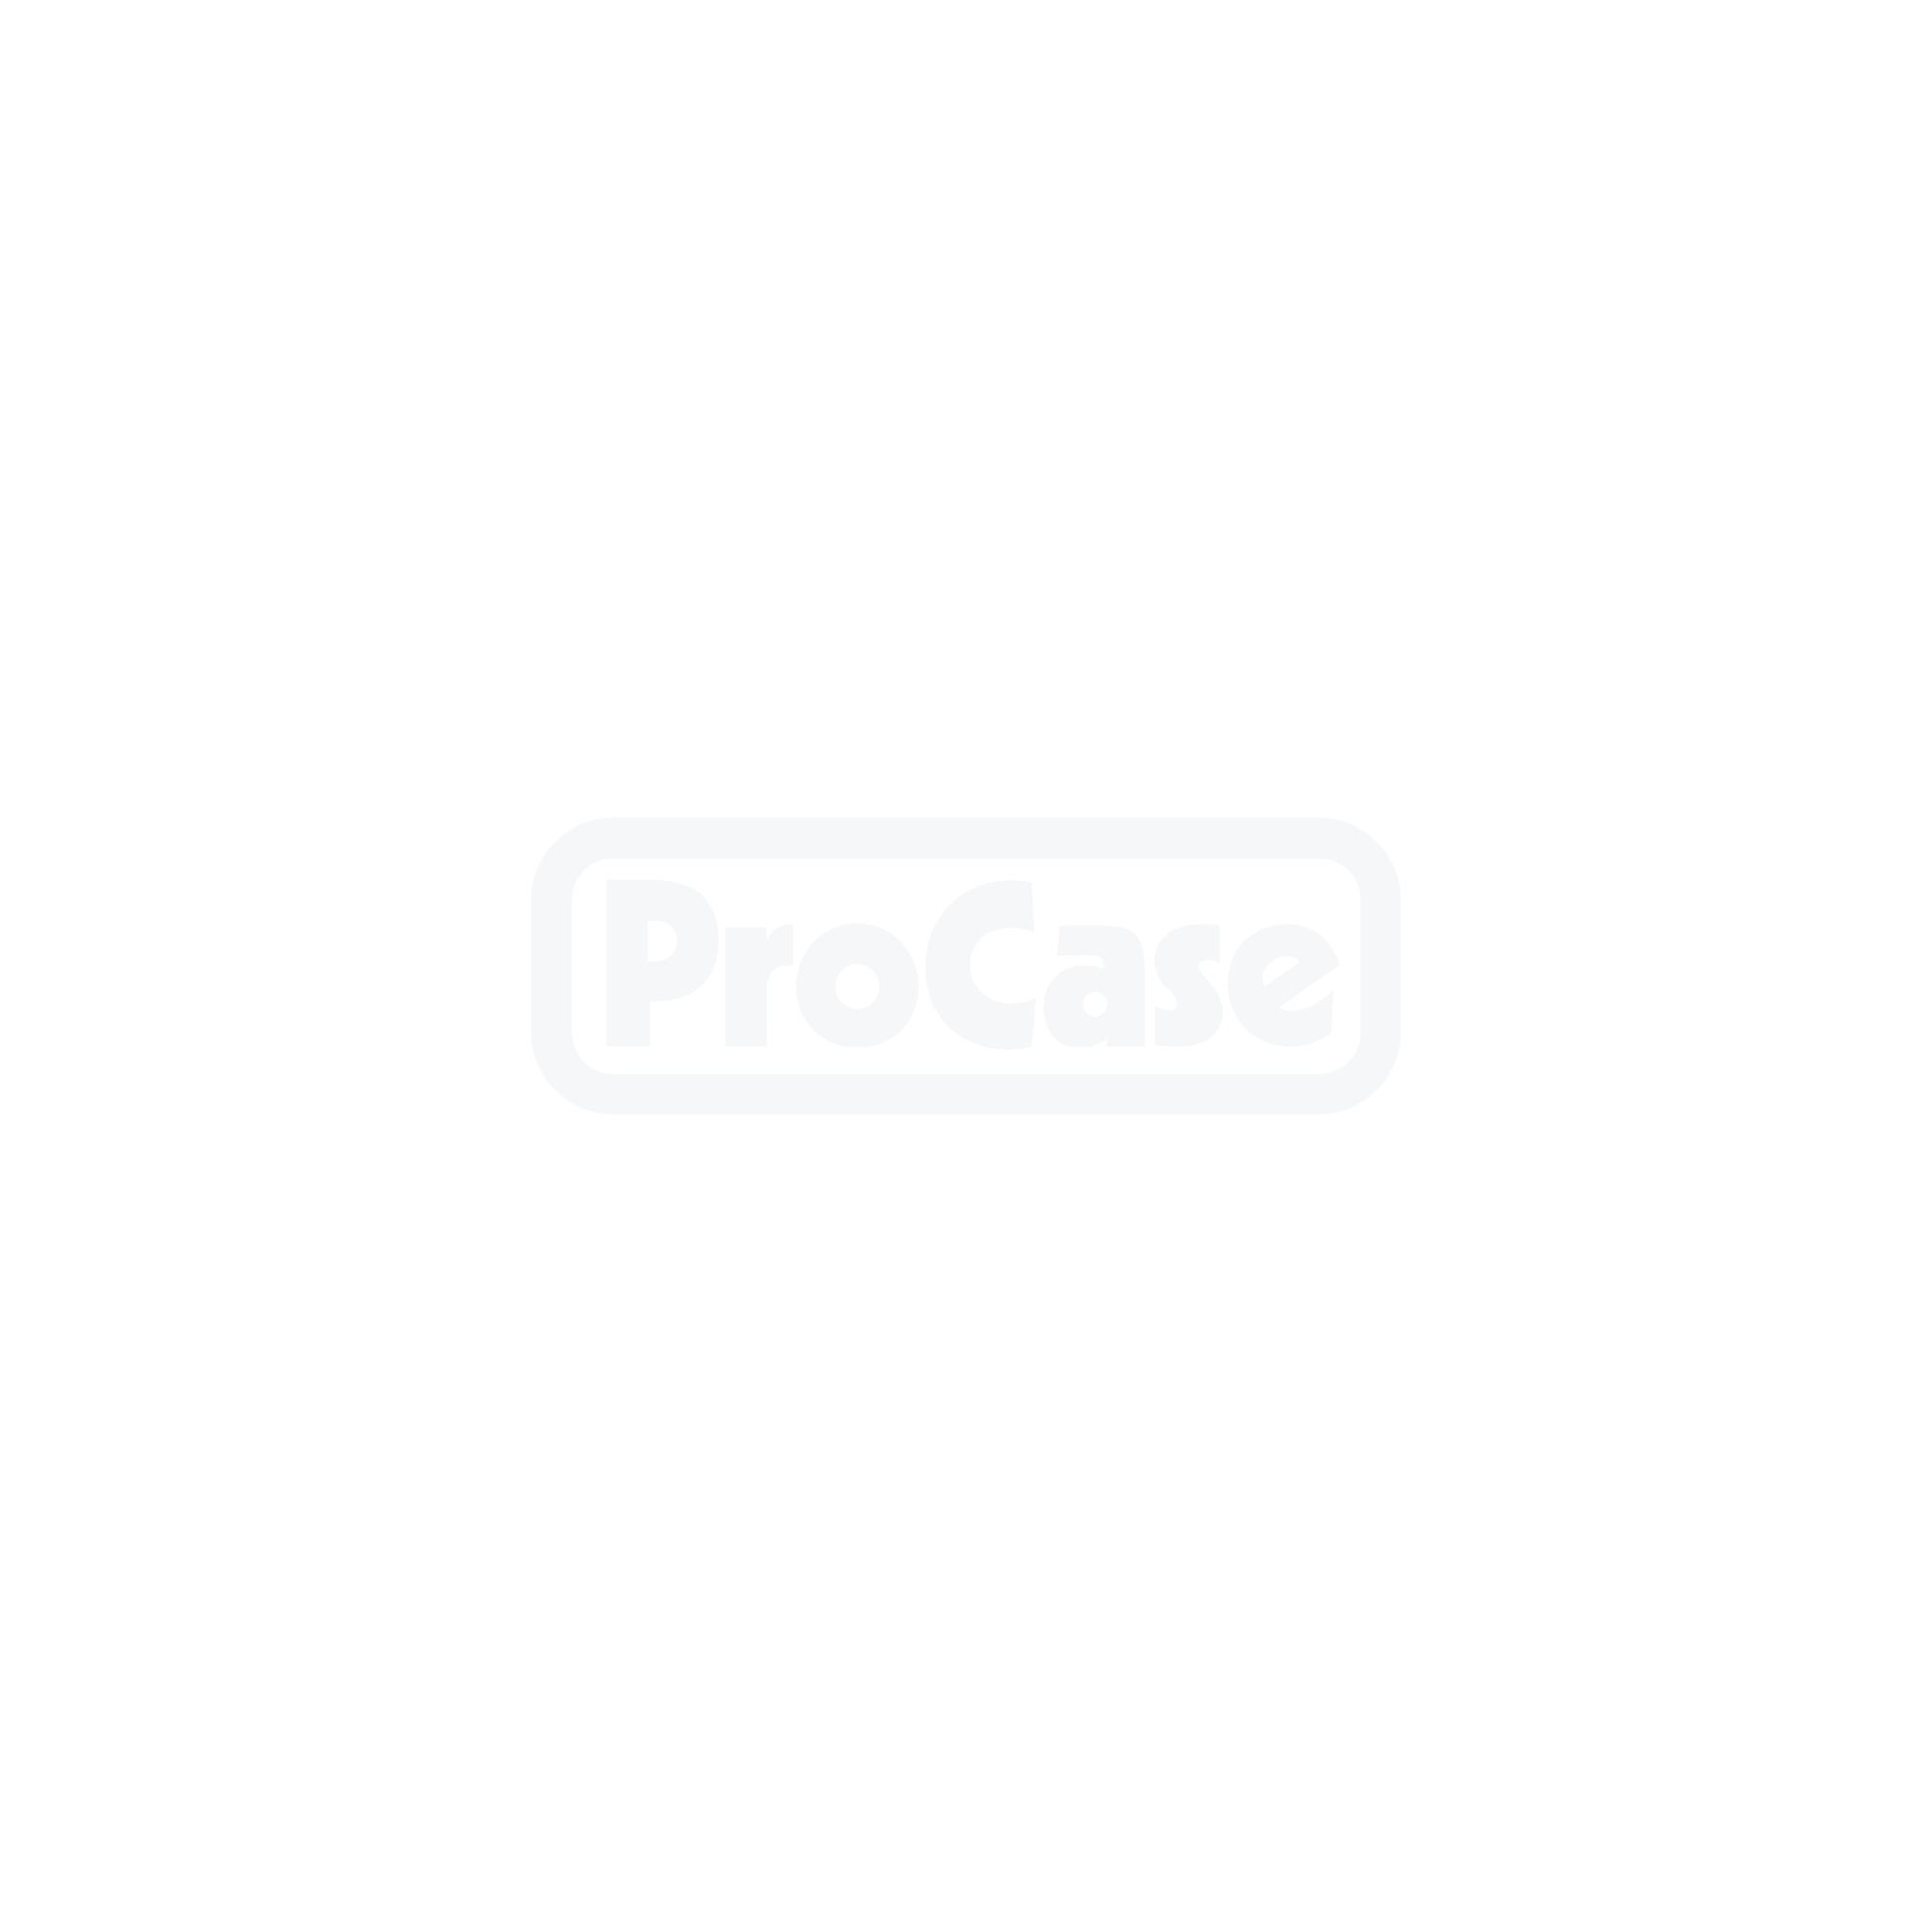 QSD-Rack 12HE 600 mm tief